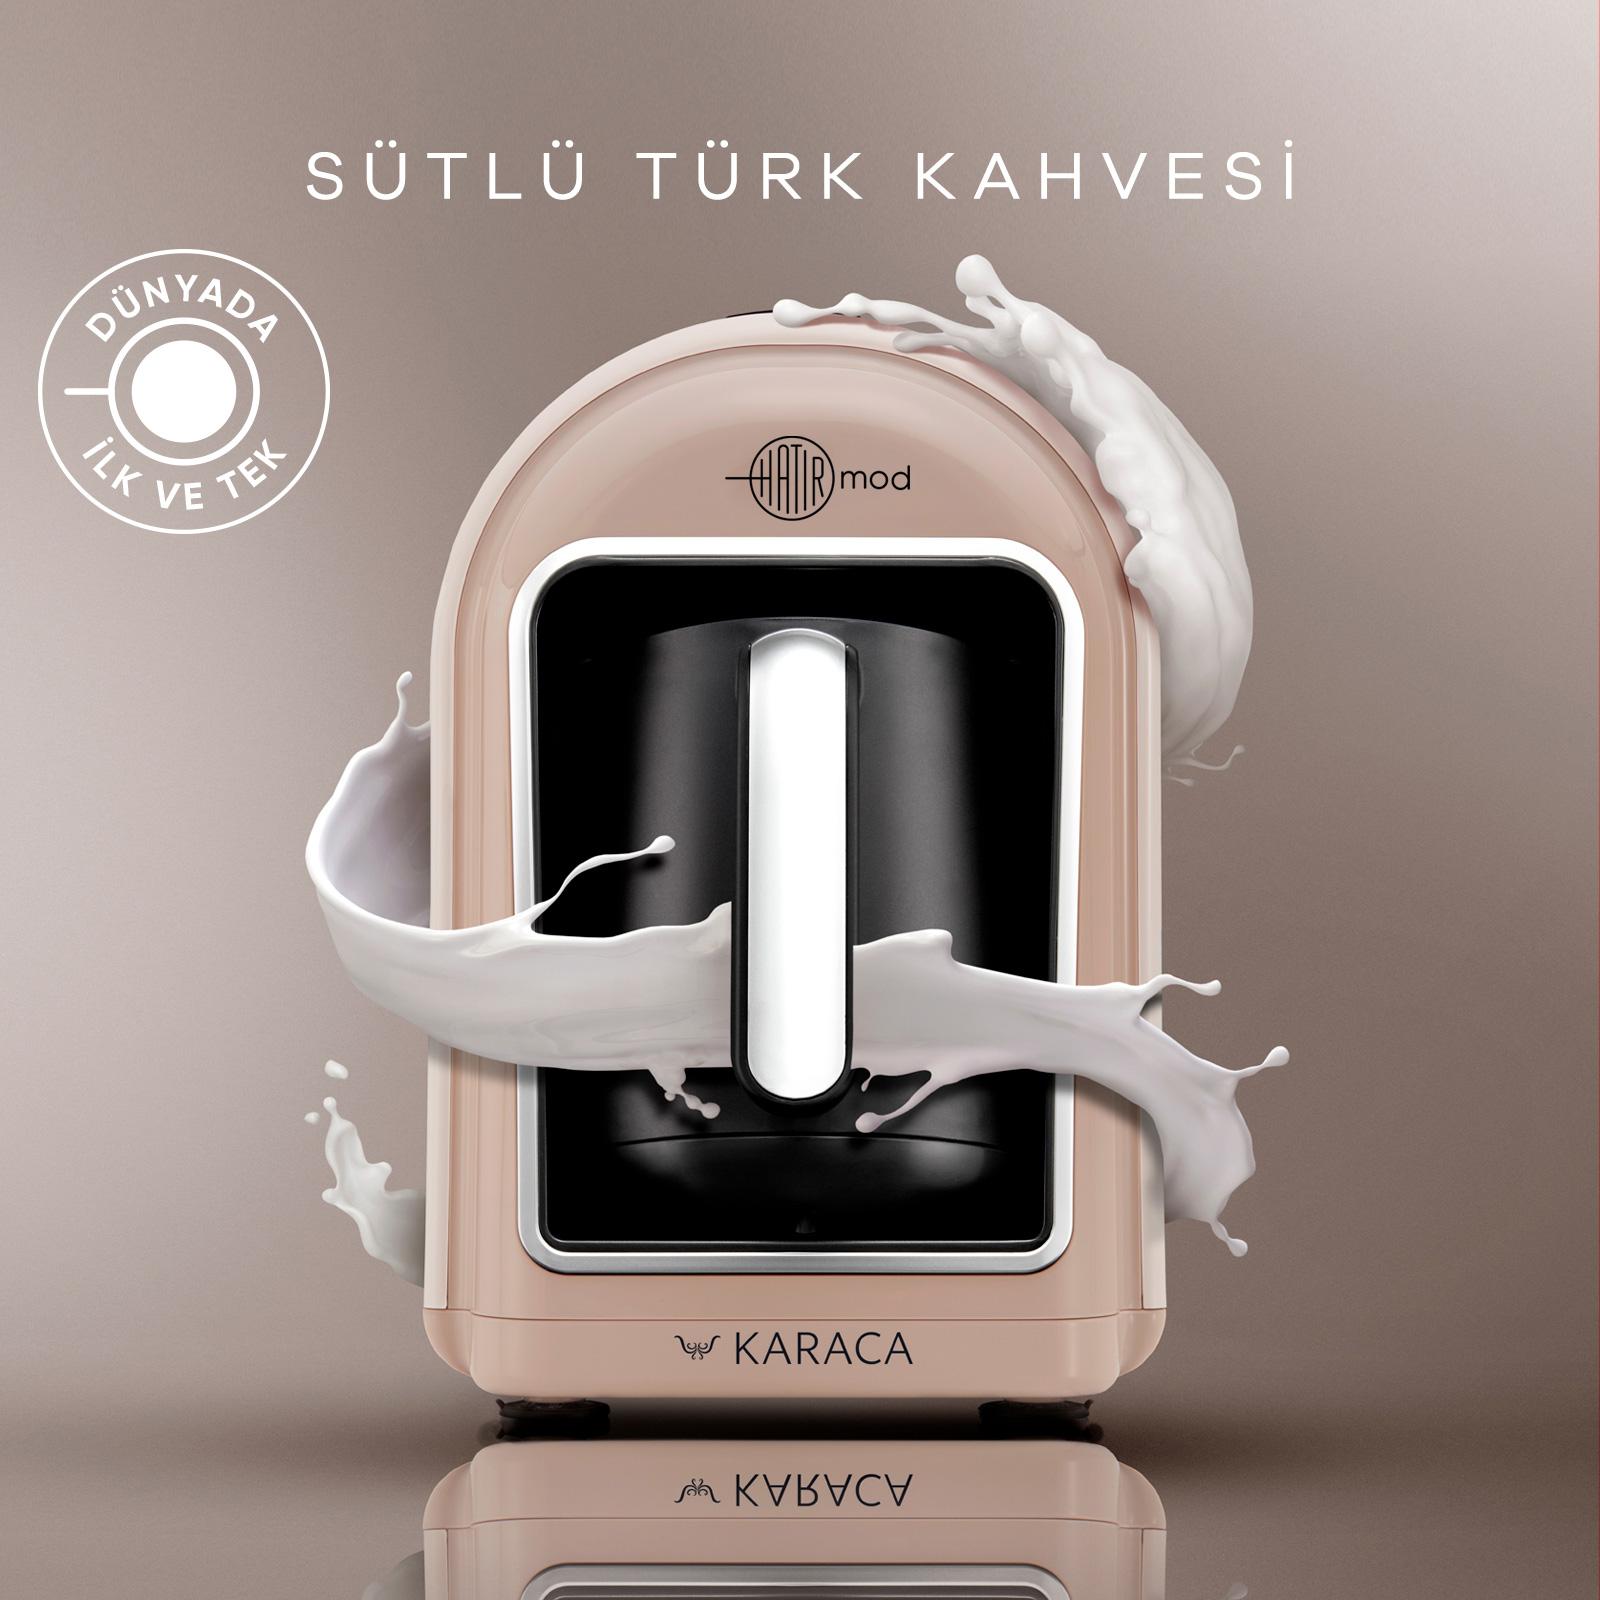 Karaca Hatır Mod Sütlü Türk Kahve Makinesi Latte